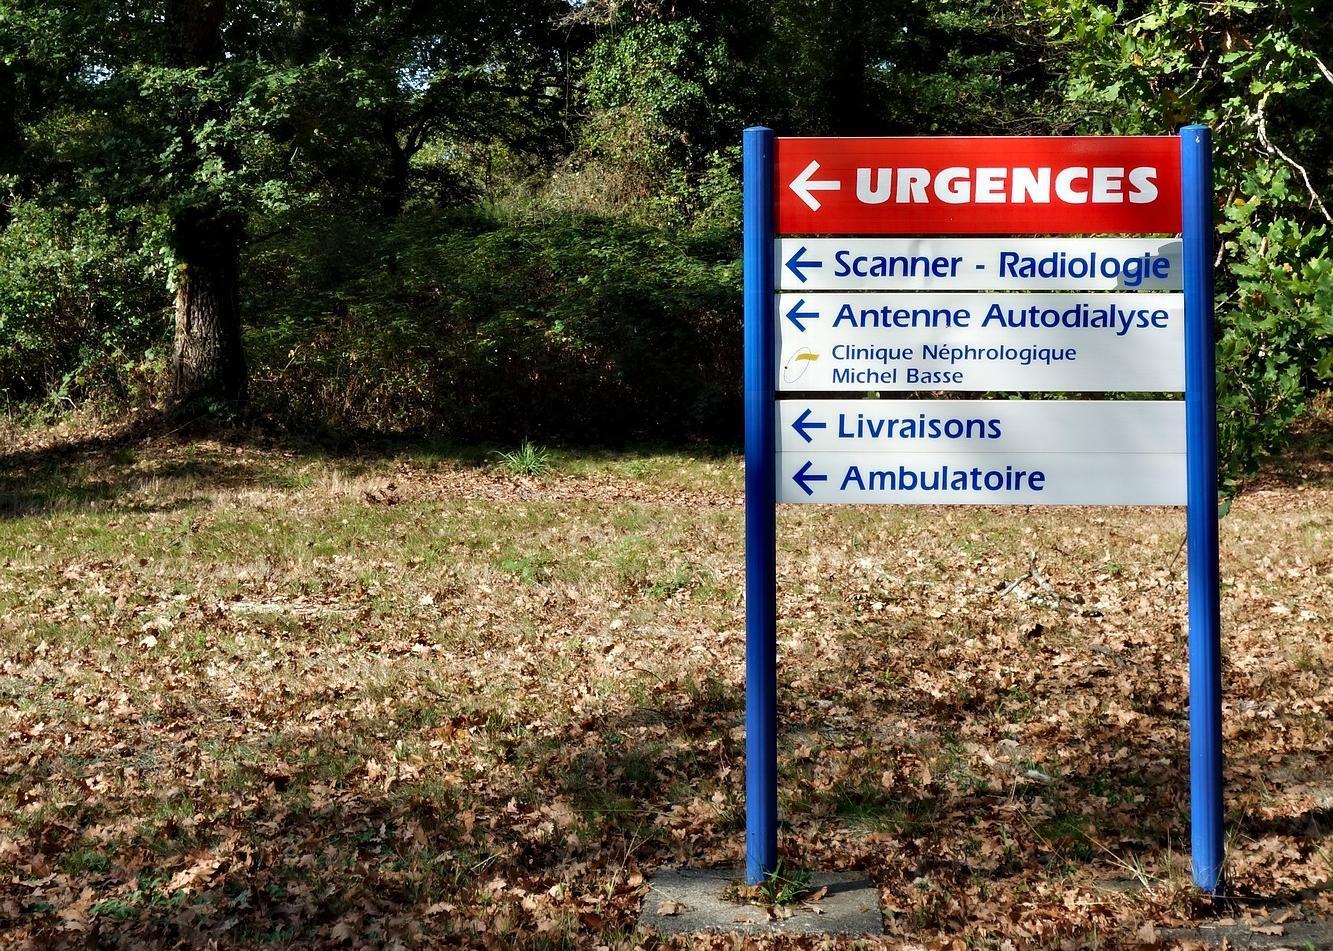 «Les déserts médicaux se créent aussi là où on ne les attend pas». Entretien avec Emmanuel Vigneron, géographe